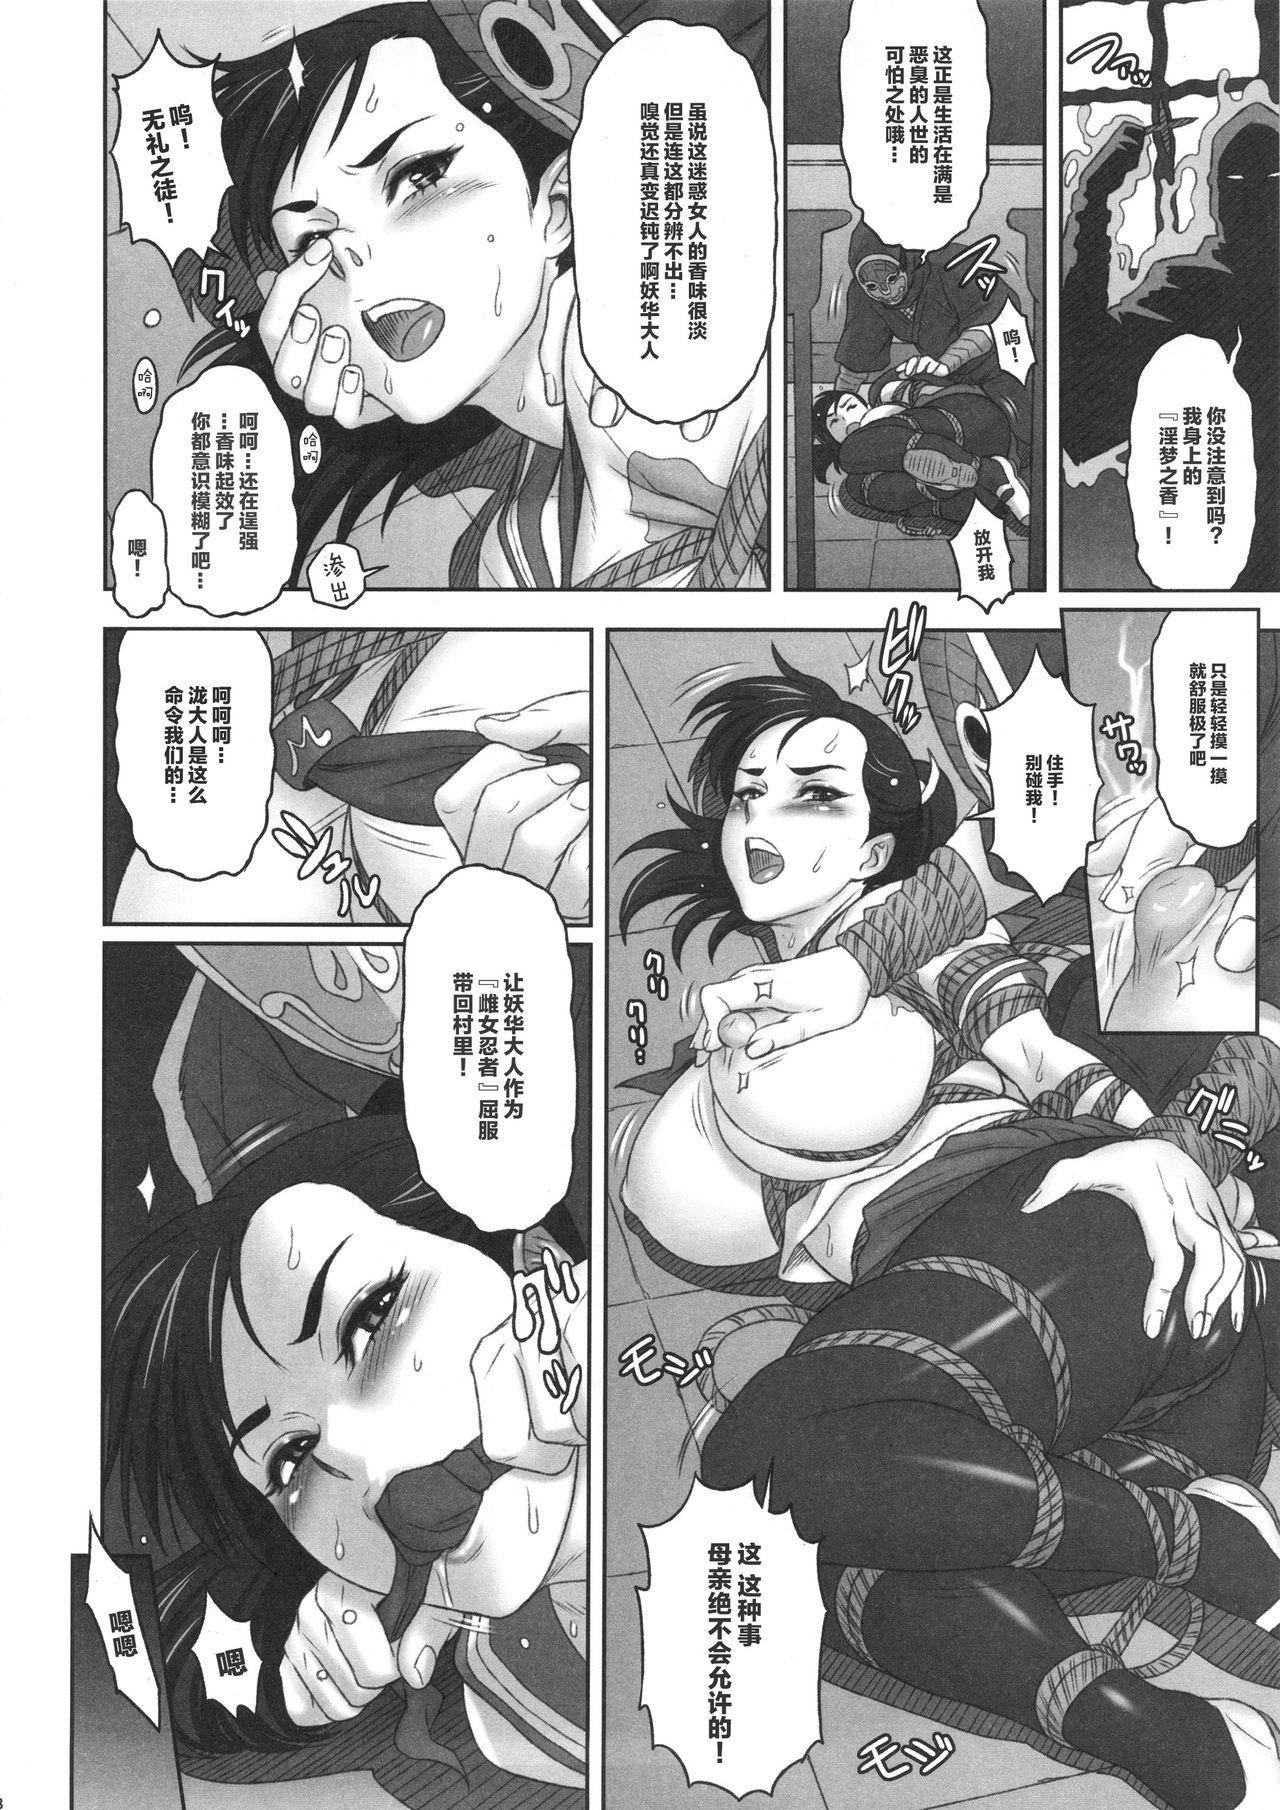 Nippon Mesu Kunoichi 6